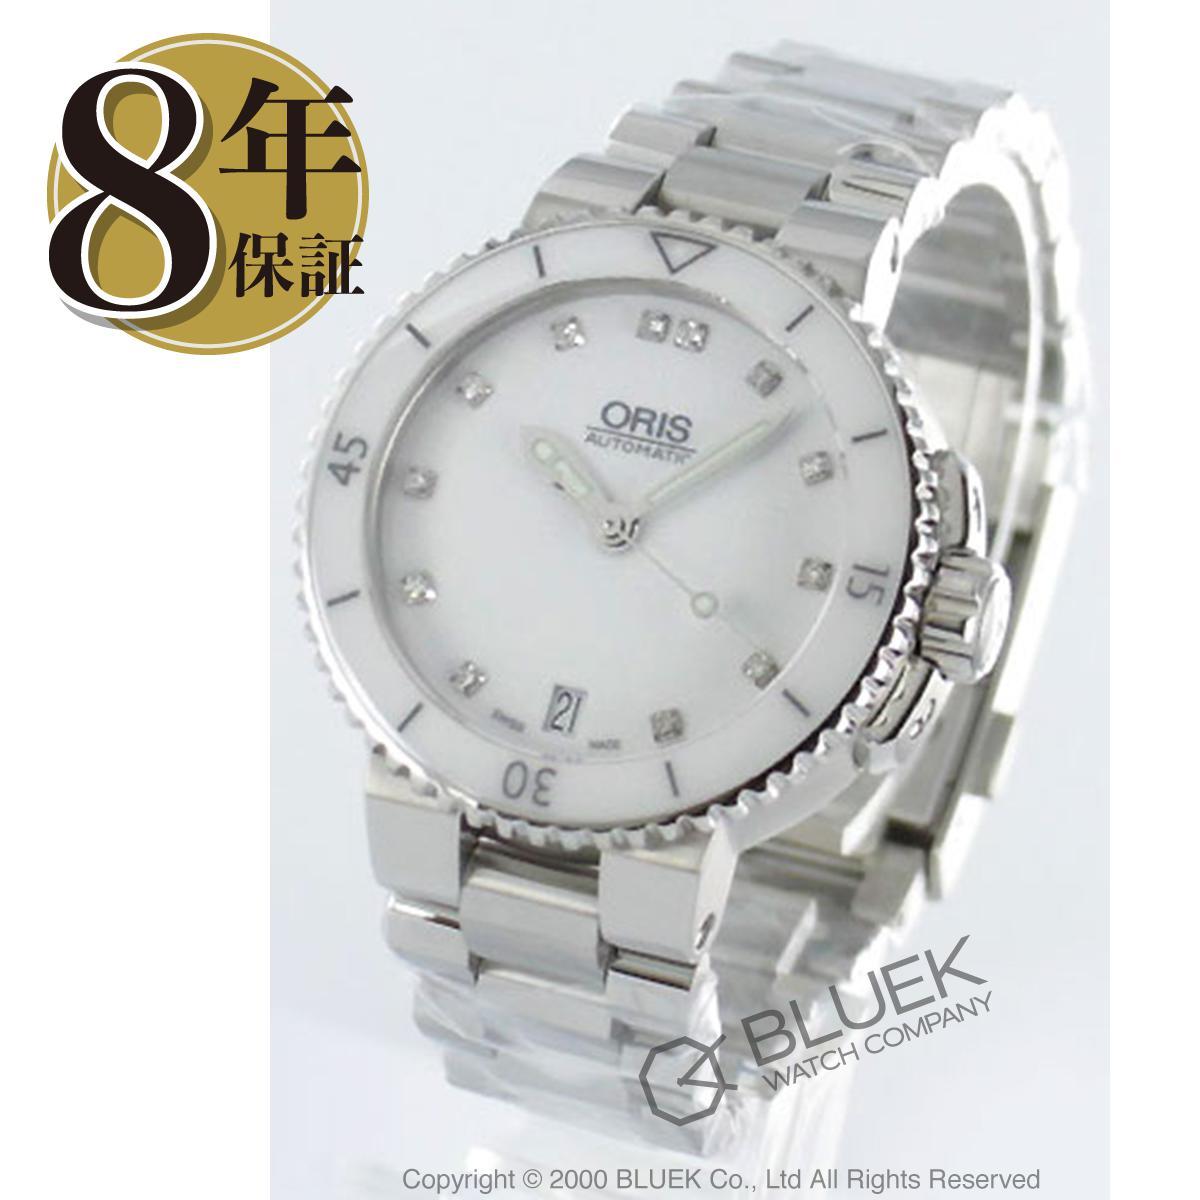 オリス アクイス 300m防水 ダイヤ 腕時計 レディース ORIS 733 7652 4191M_8